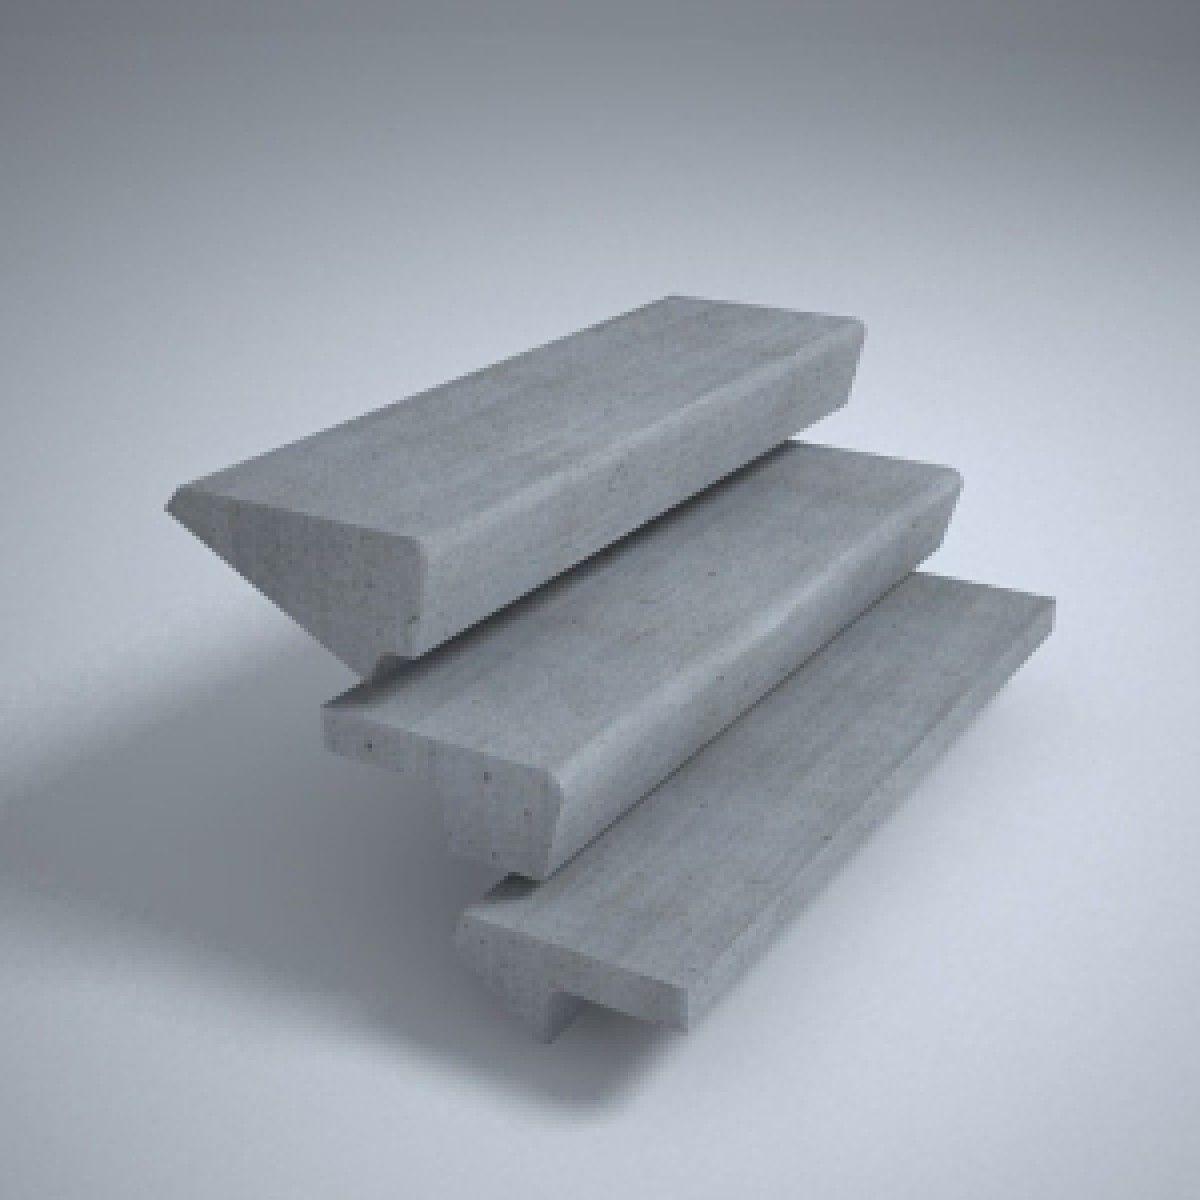 На фото различные по форме готовые железобетонные ступени